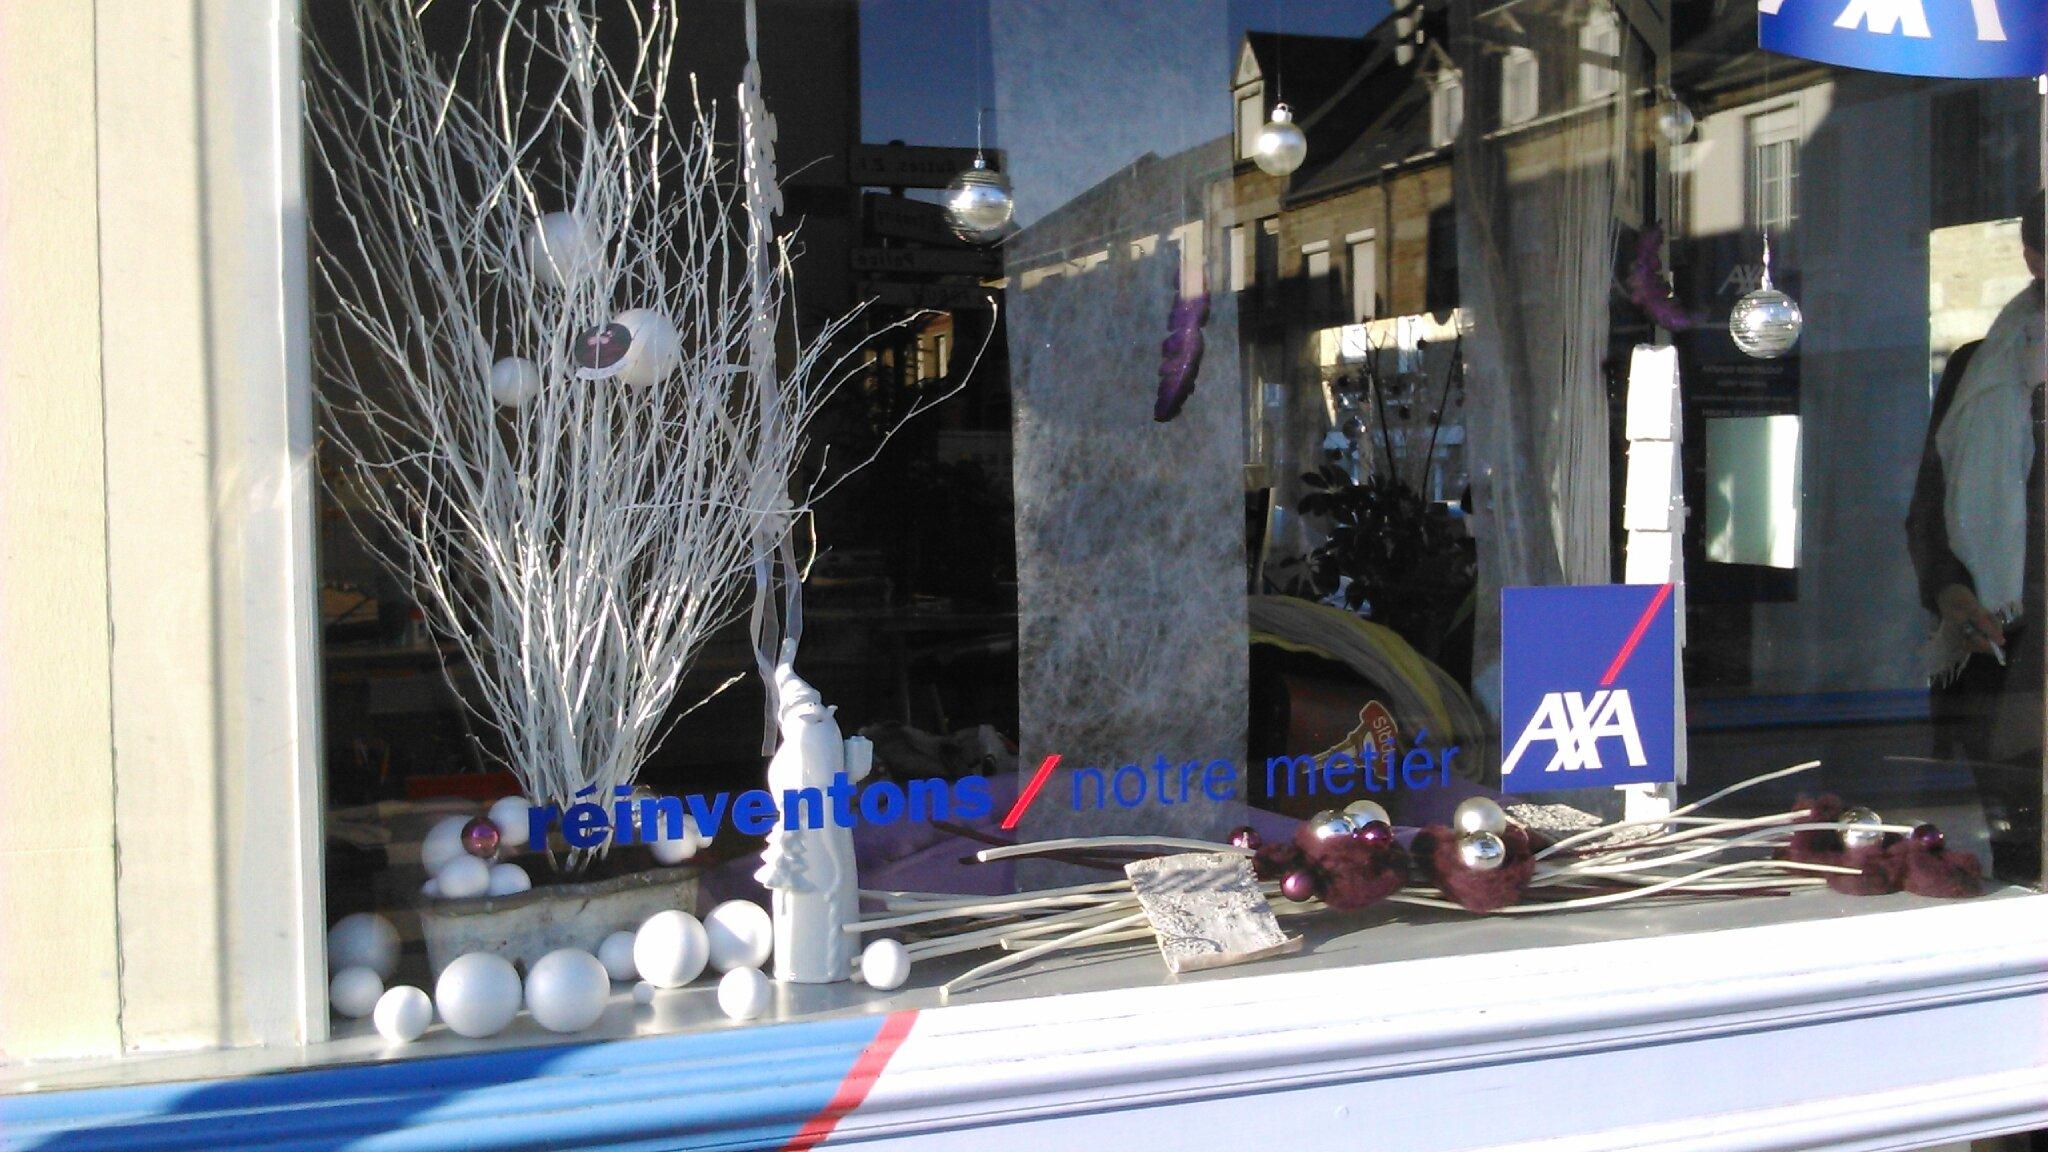 Decoration De Vitrine Pour Noel Les Folies D Ana